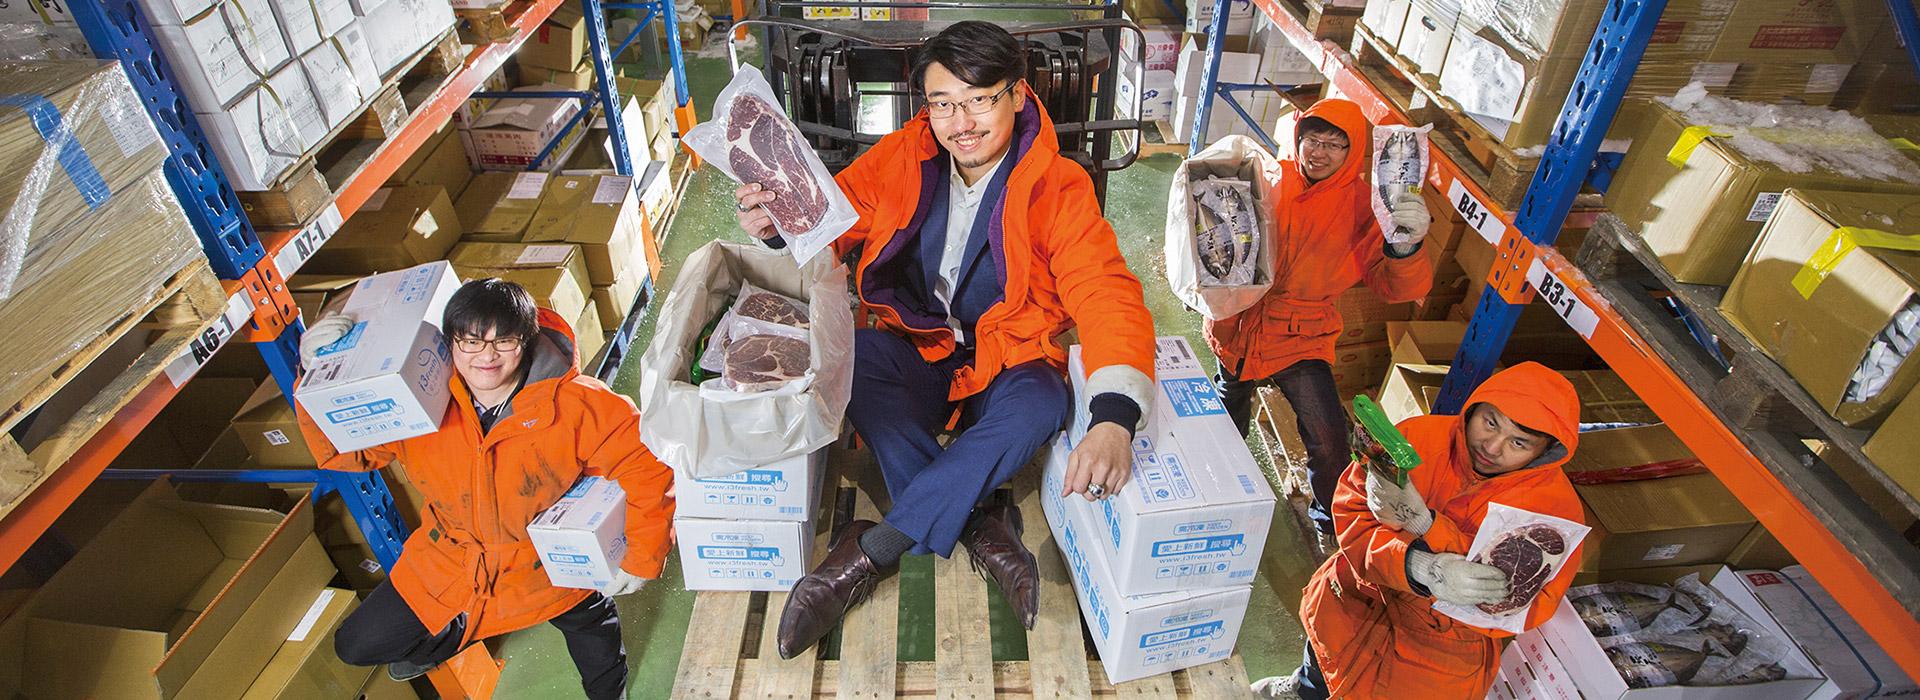 雙北3小時到貨 賣水果、 海鮮年收3.5億元